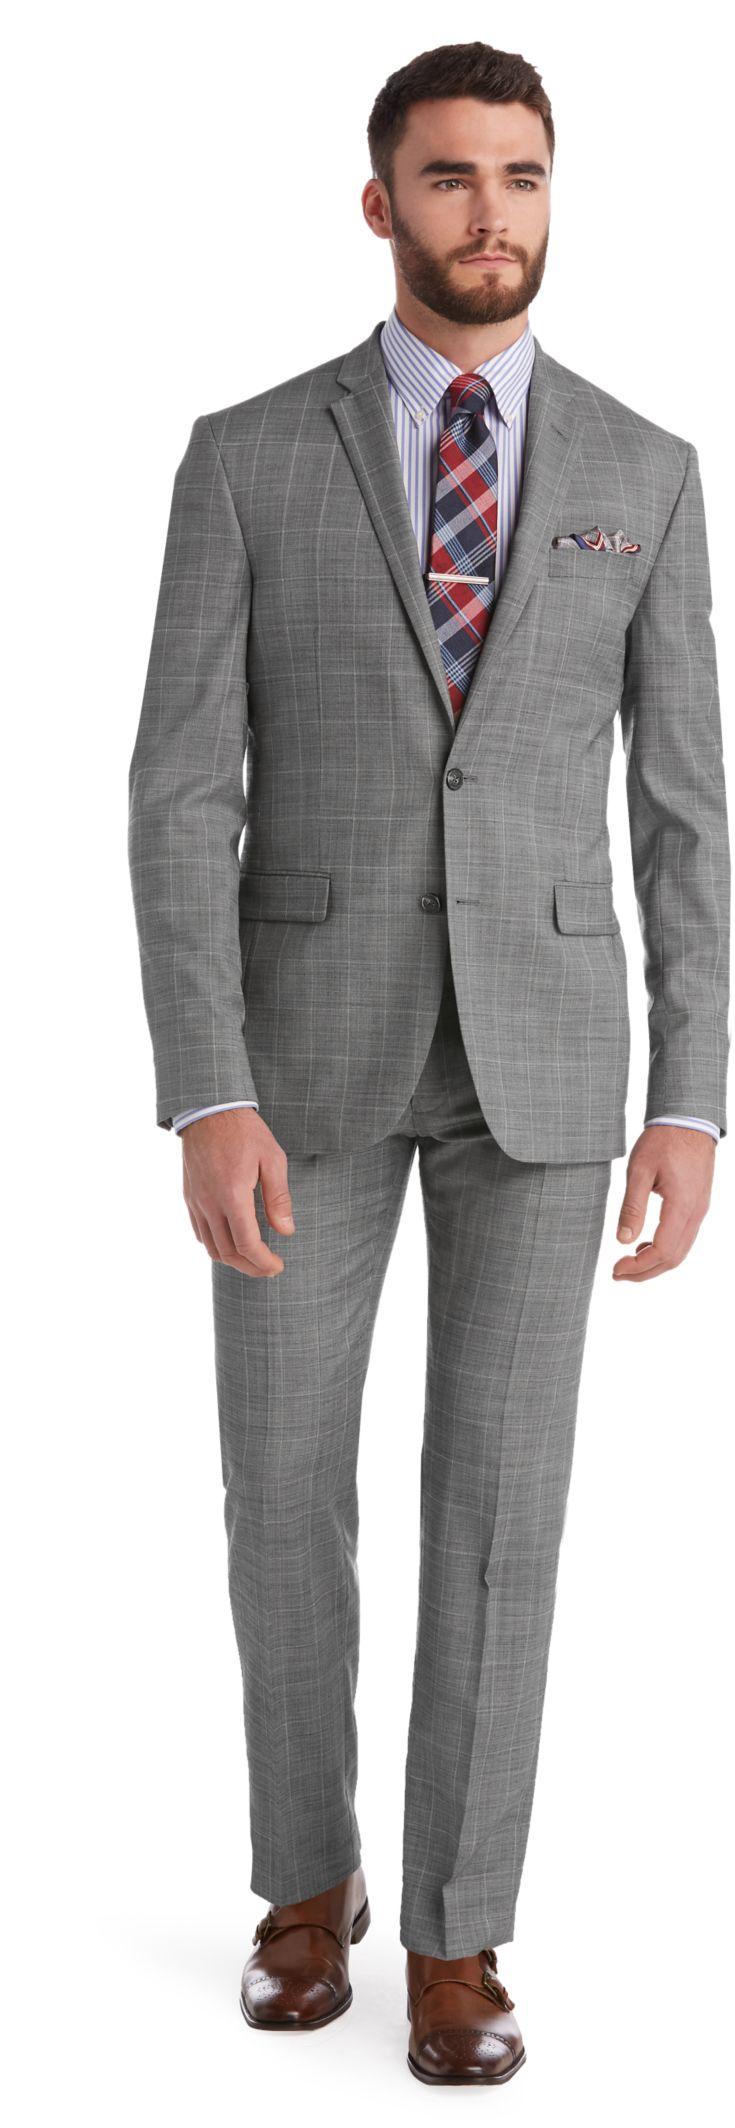 1905 Collection Slim Fit Plaid Sharkskin Suit - 1905 Suits   Jos A ...